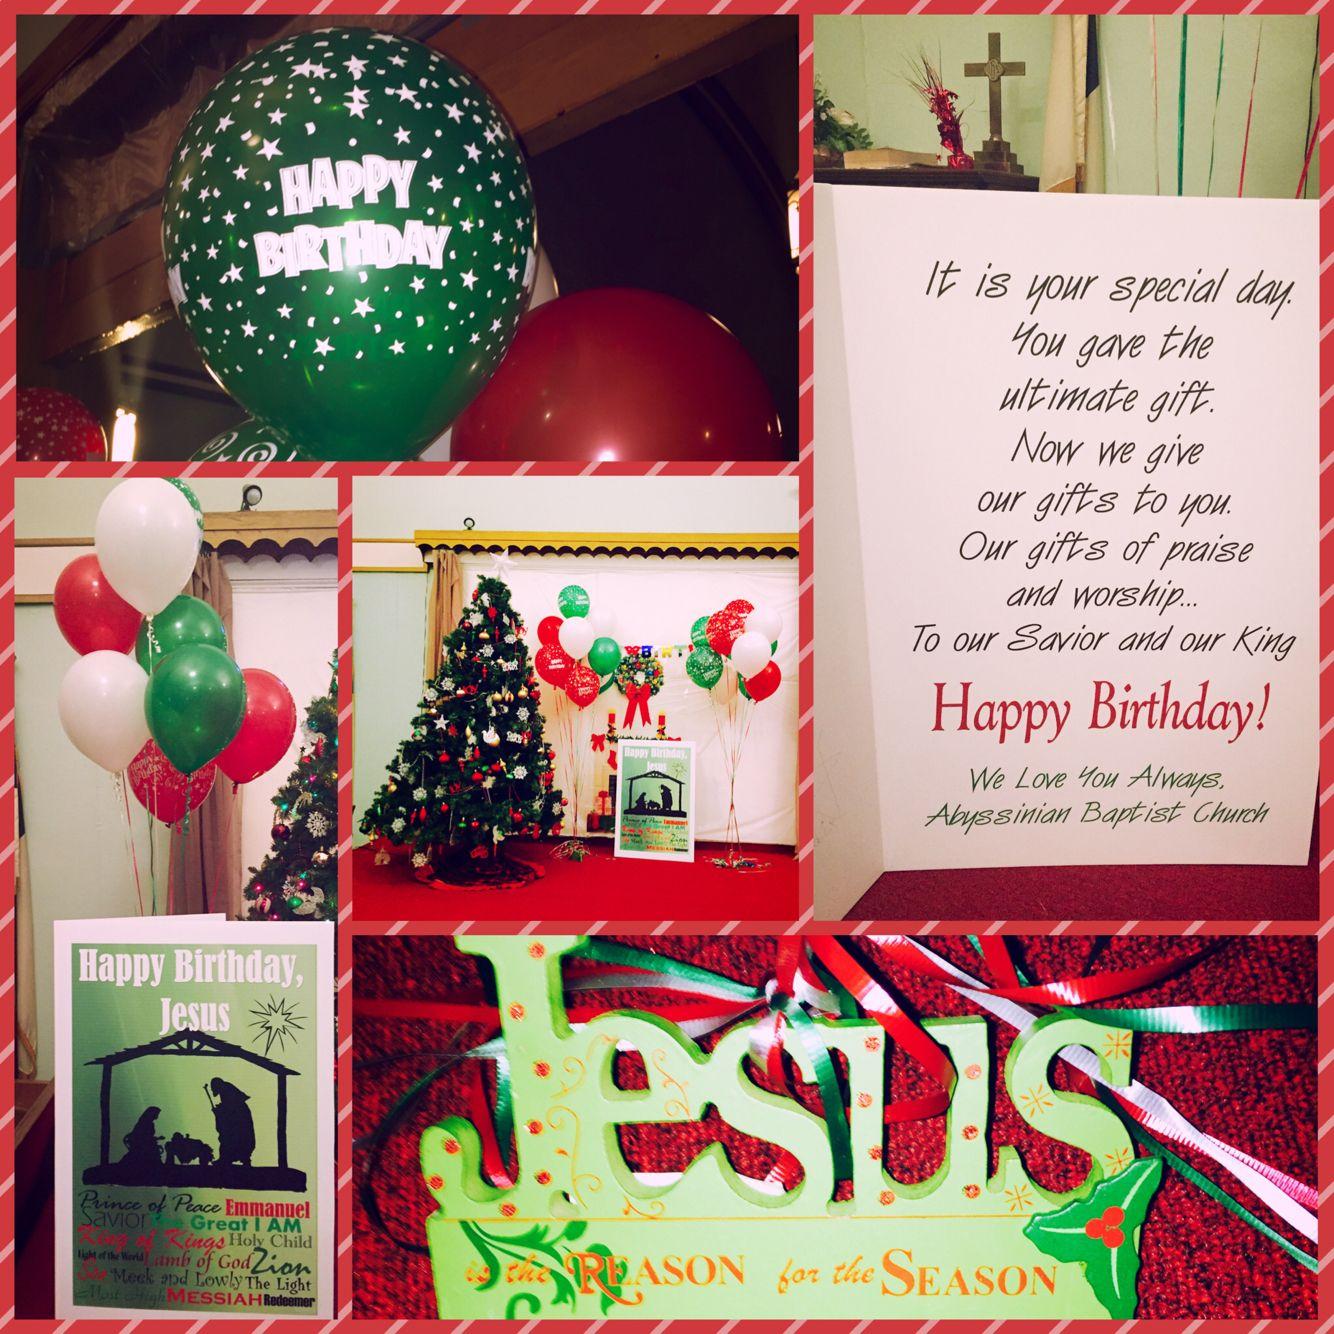 Happy birthday jesus happy birthday jesus tonight we happy birthday jesus kristyandbryce Choice Image